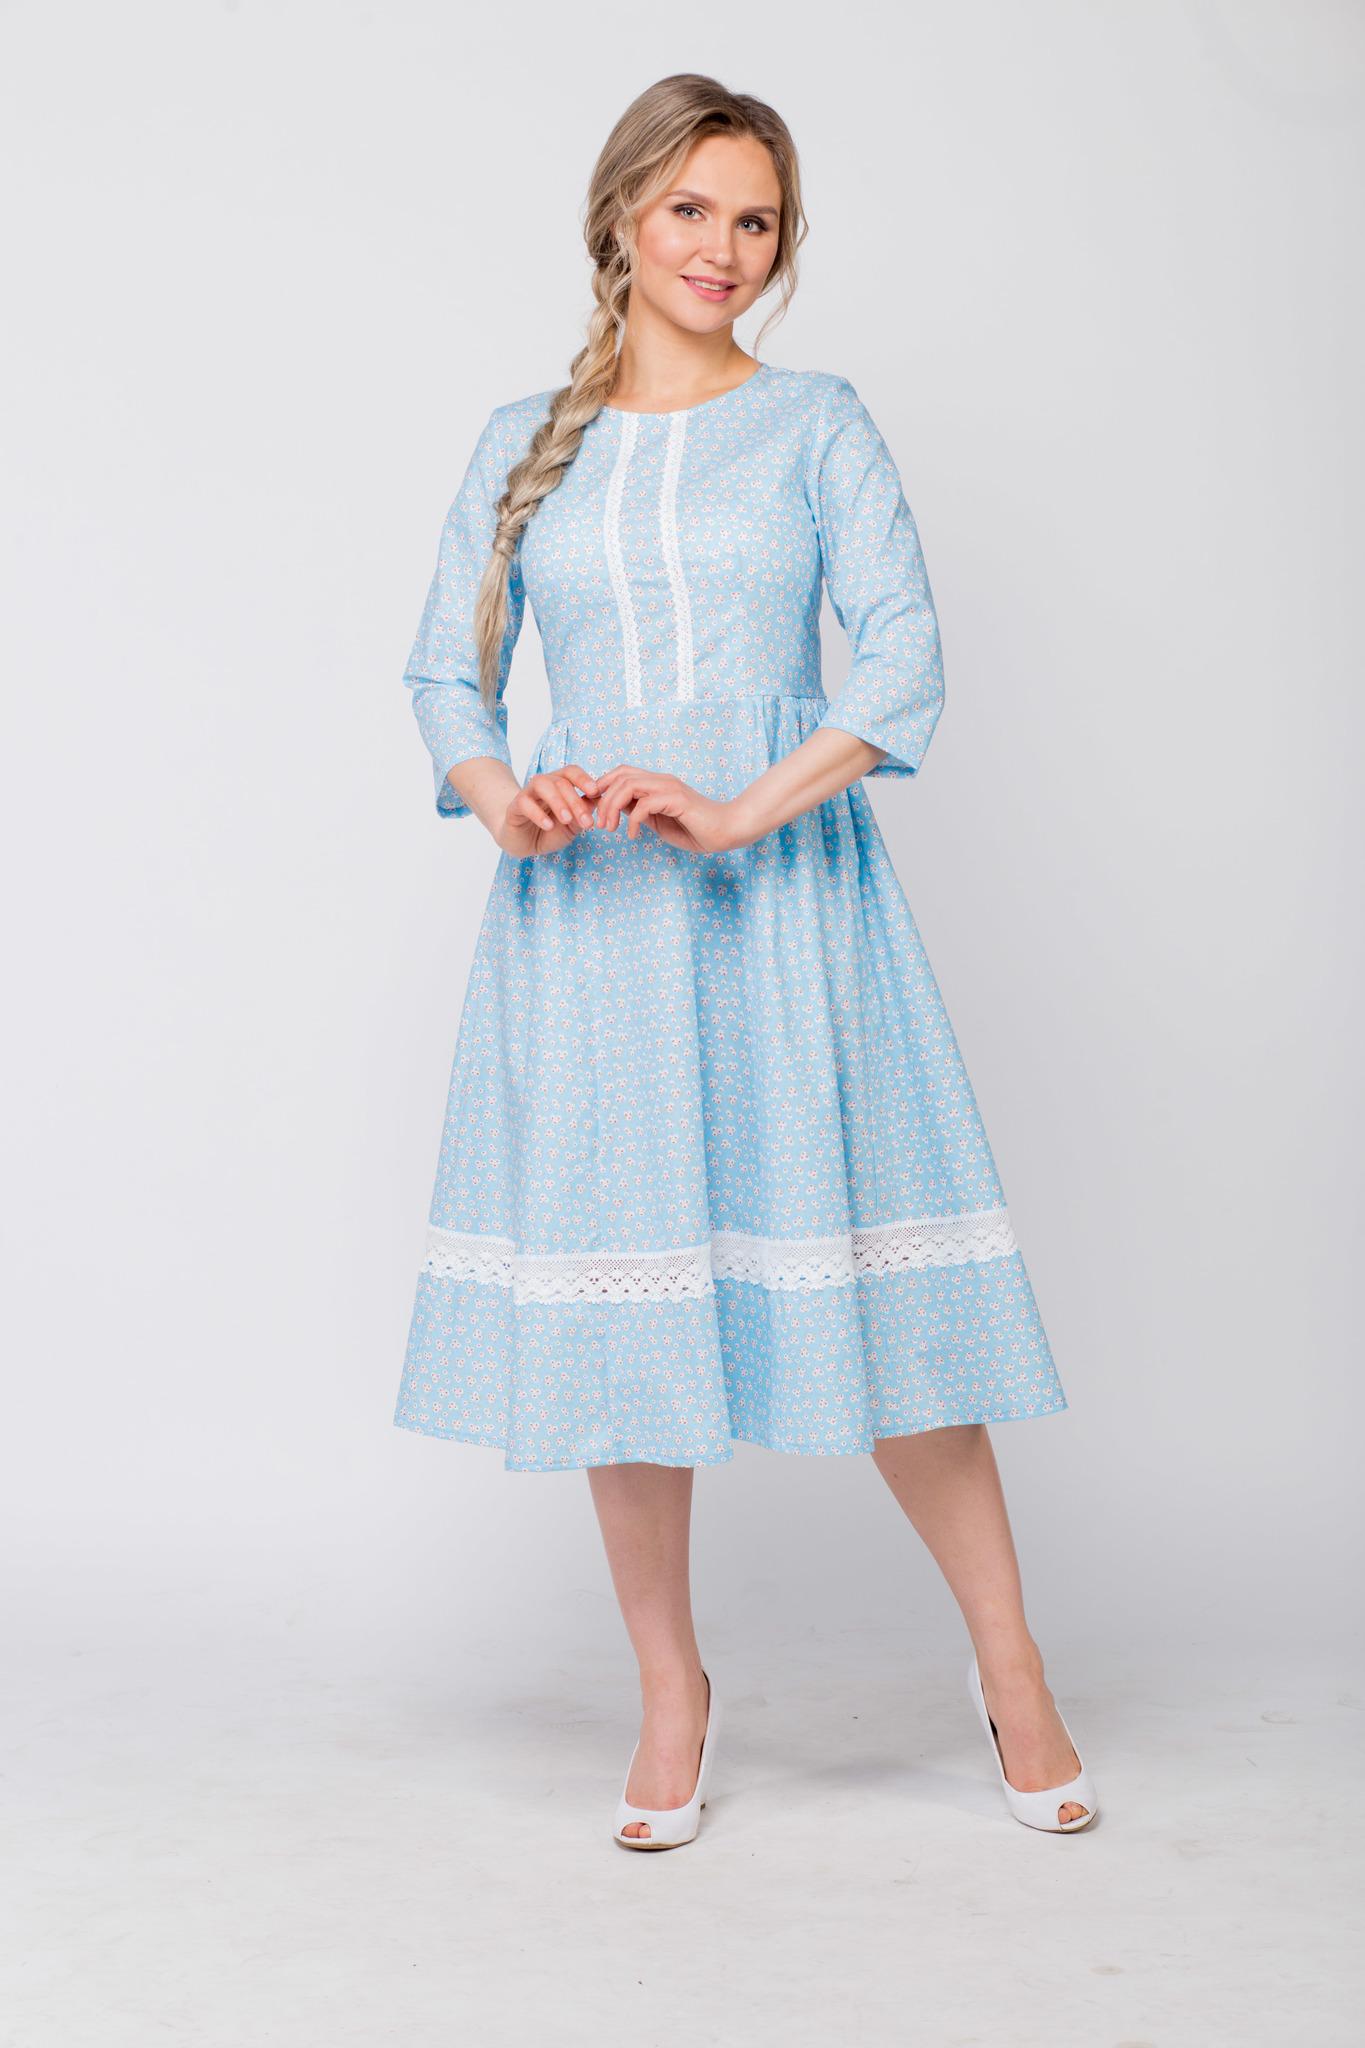 Платье хлопковое Кружевные маргаритки купить